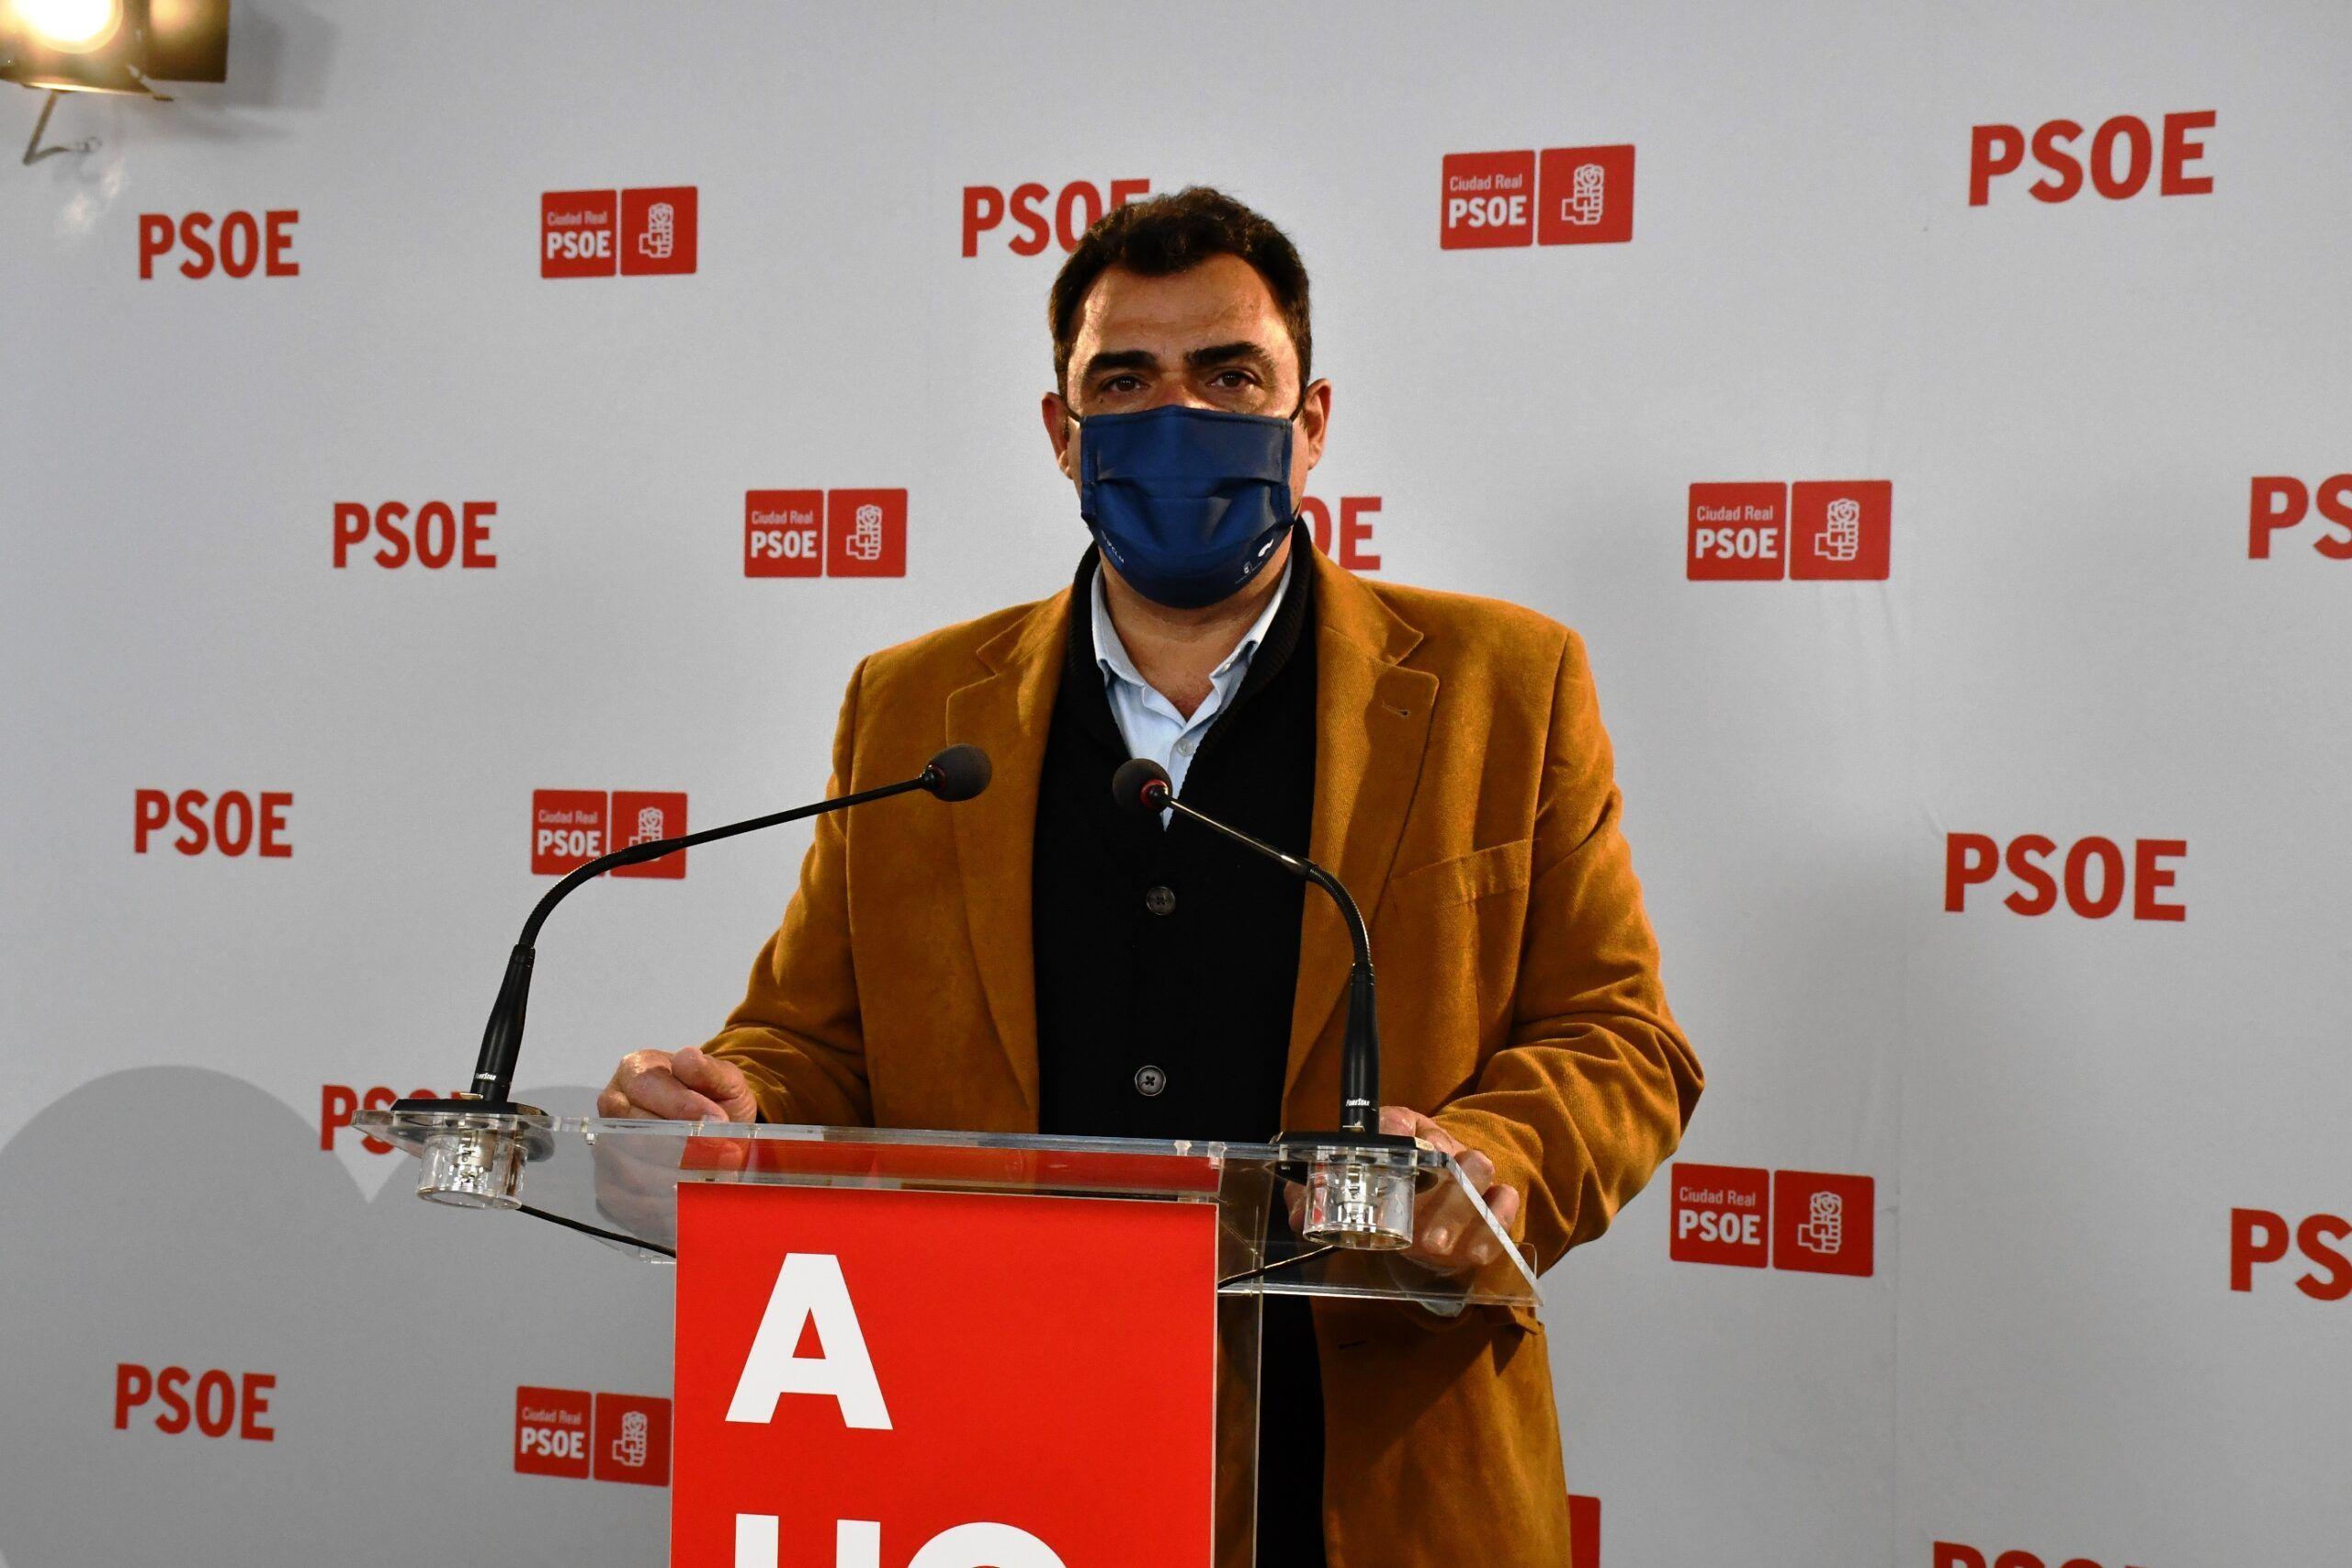 """PSOE Malagón: """"Adrián Fernández se niega a emitir los últimos Plenos por la radio, para esconder su negligente comportamiento en la pandemia"""""""